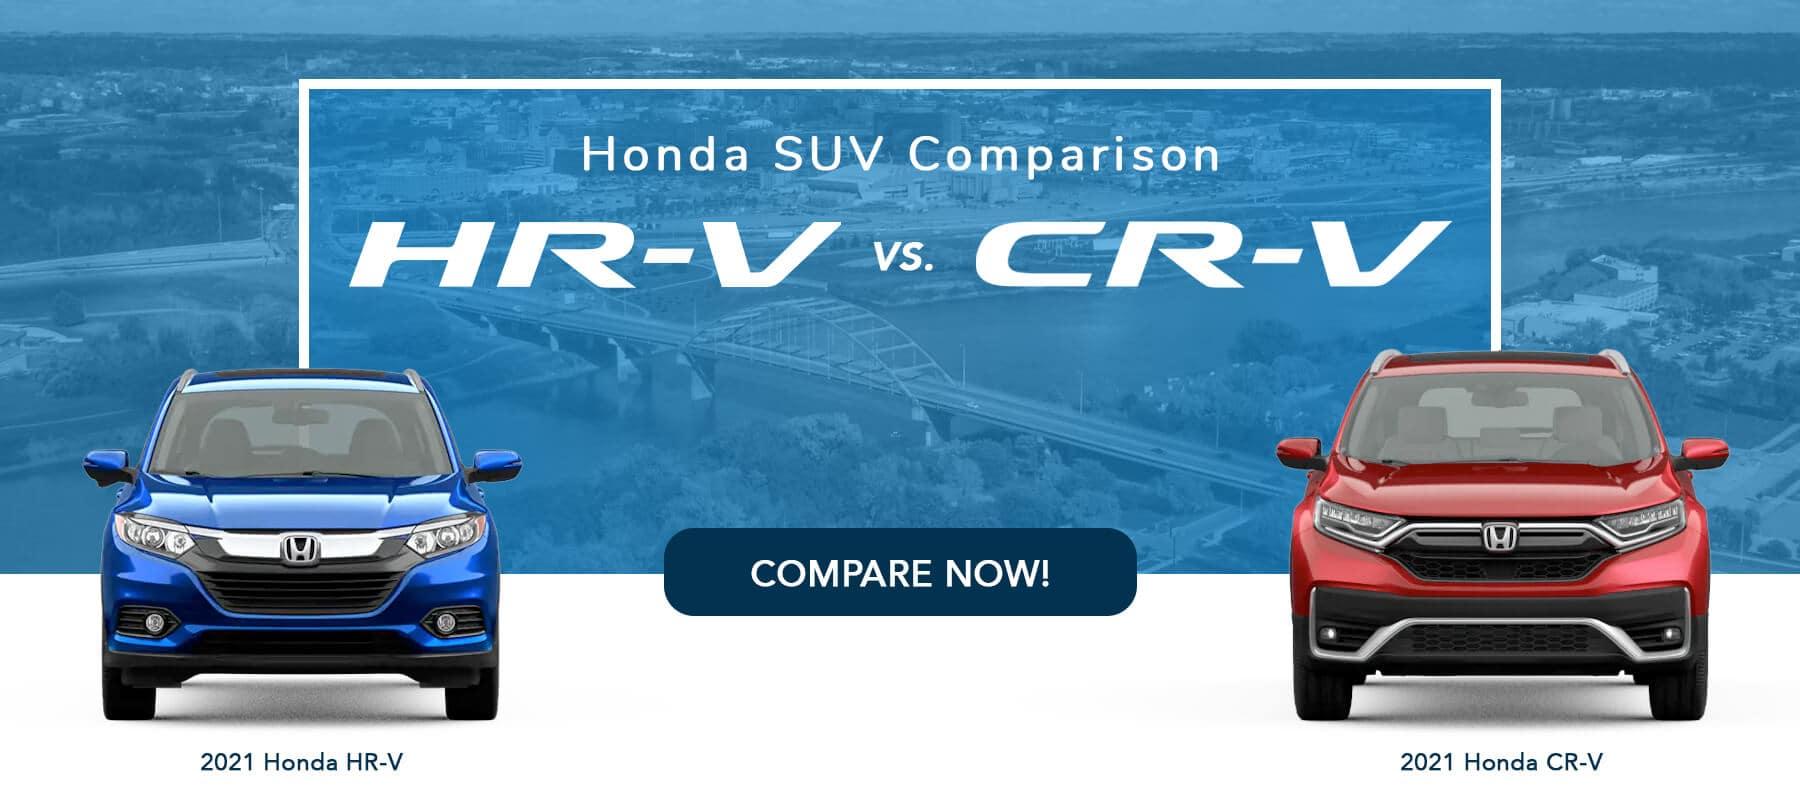 2021 Honda HR-V Versus 2021 Honda CR-V Slider